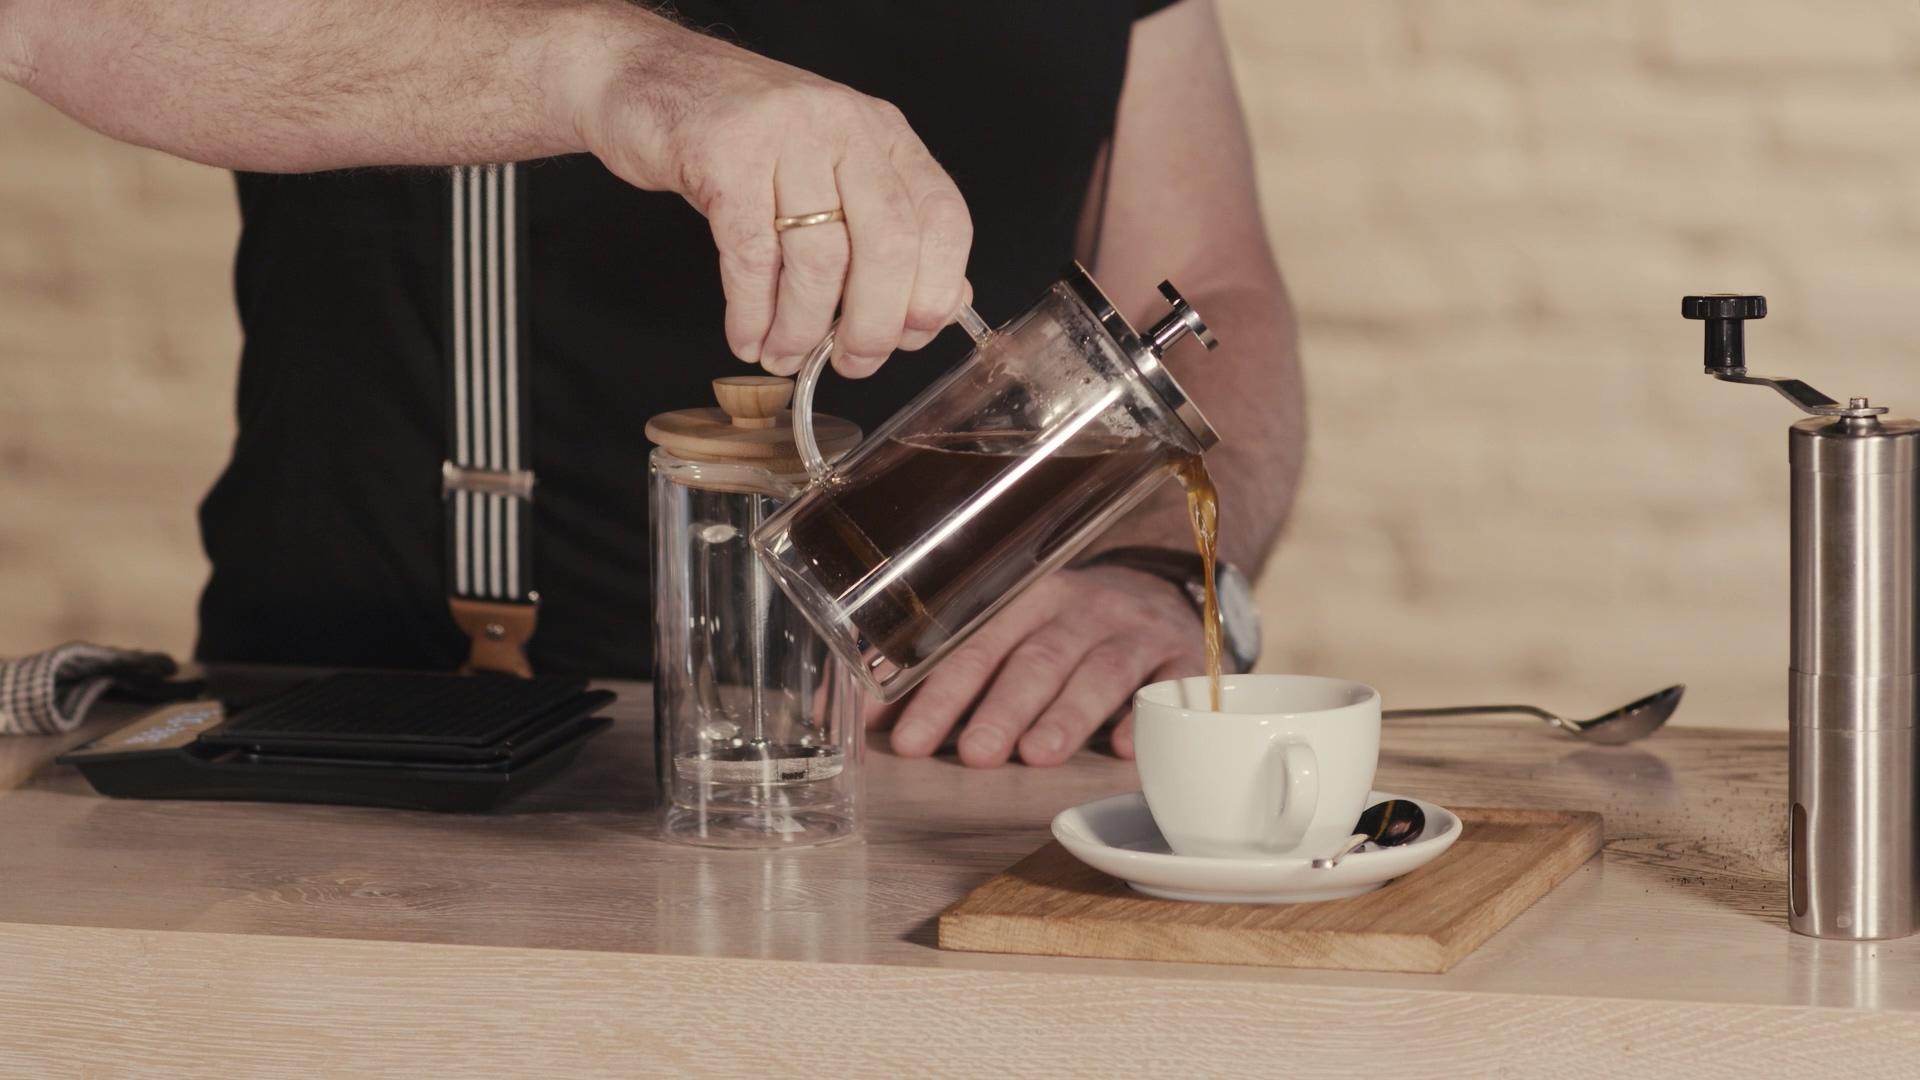 Schritt 5 der French Press Anleitung: 3-4 Minuten Warten und in die Tasse gießen